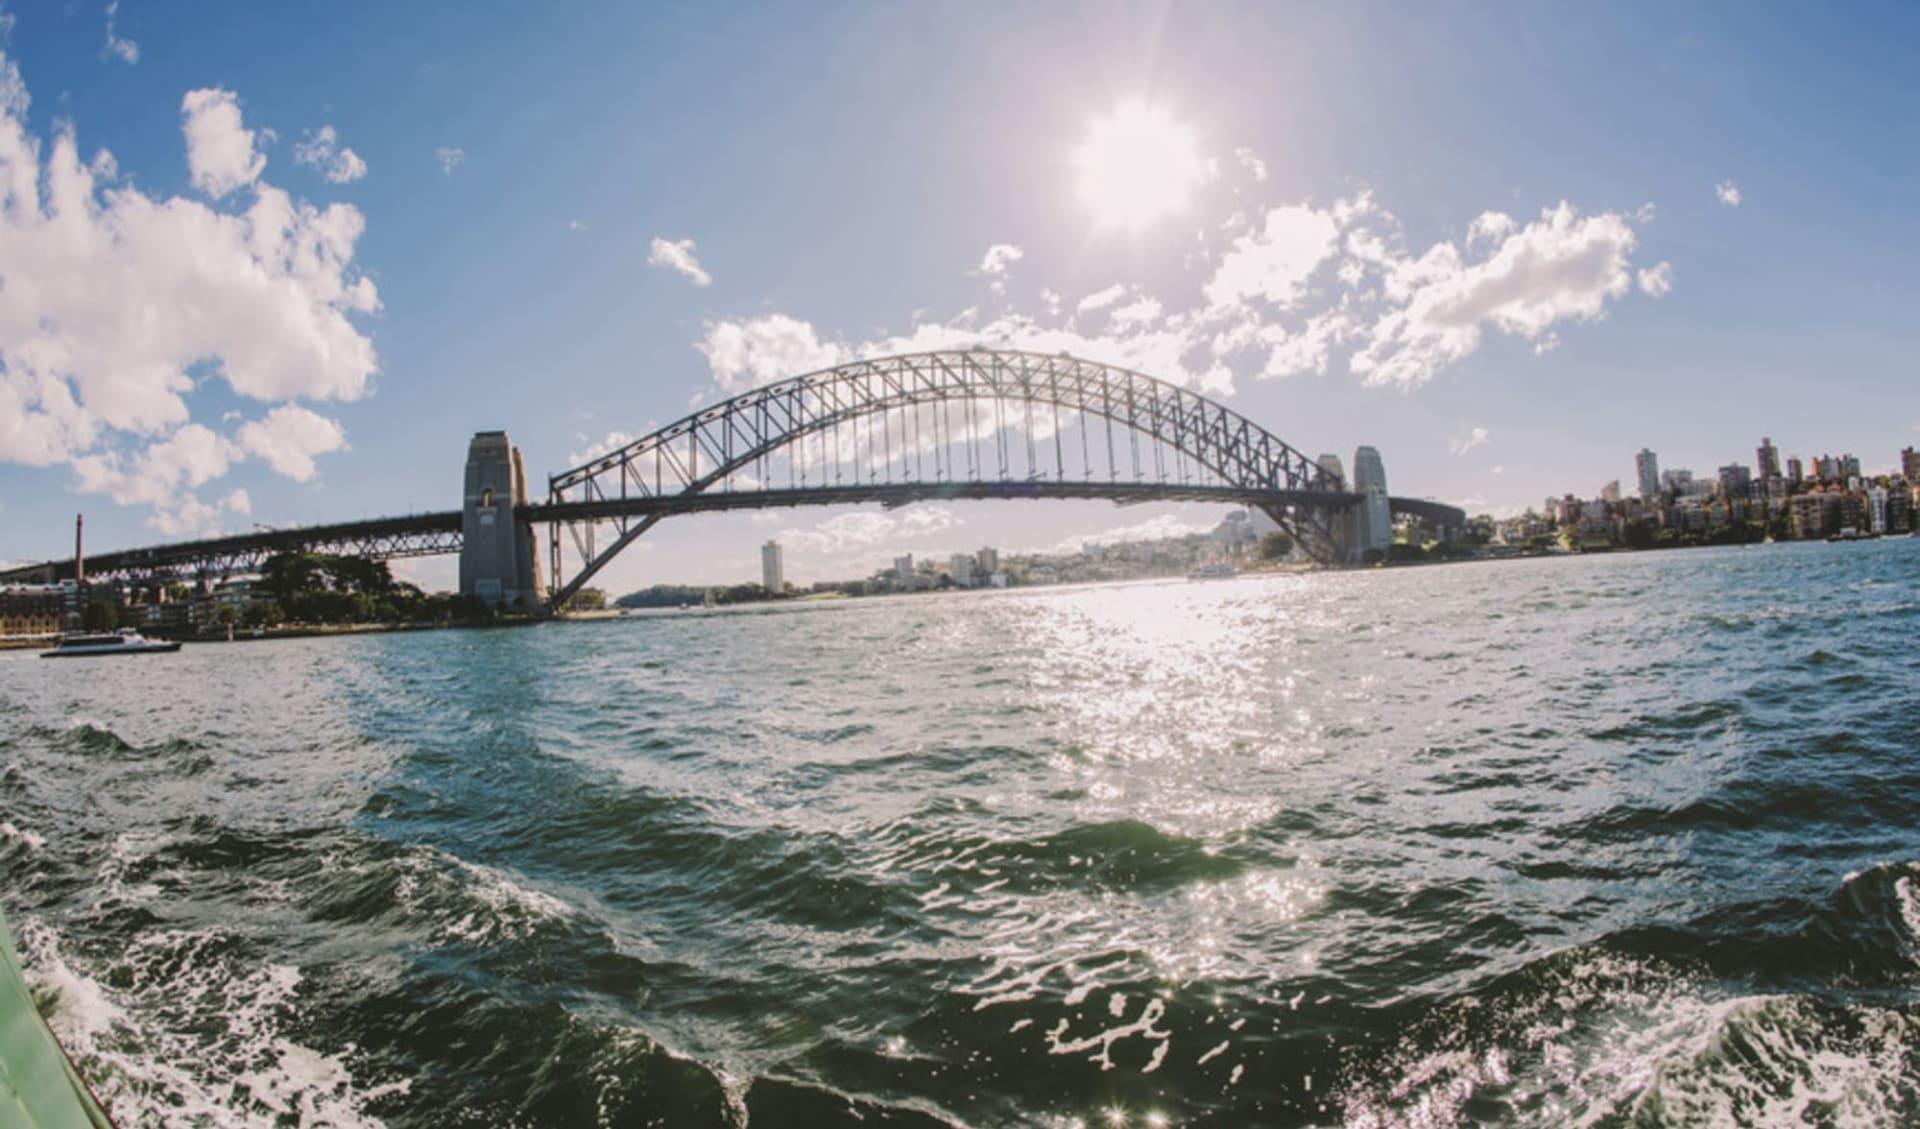 Pacific Coast Touring Route ab Sydney: Australia - New South Wales - Sydney - Harbour Bridge -  gegen die Sonne - Copyright Tourism Australia - Photographer Ellenor Argyropoulos